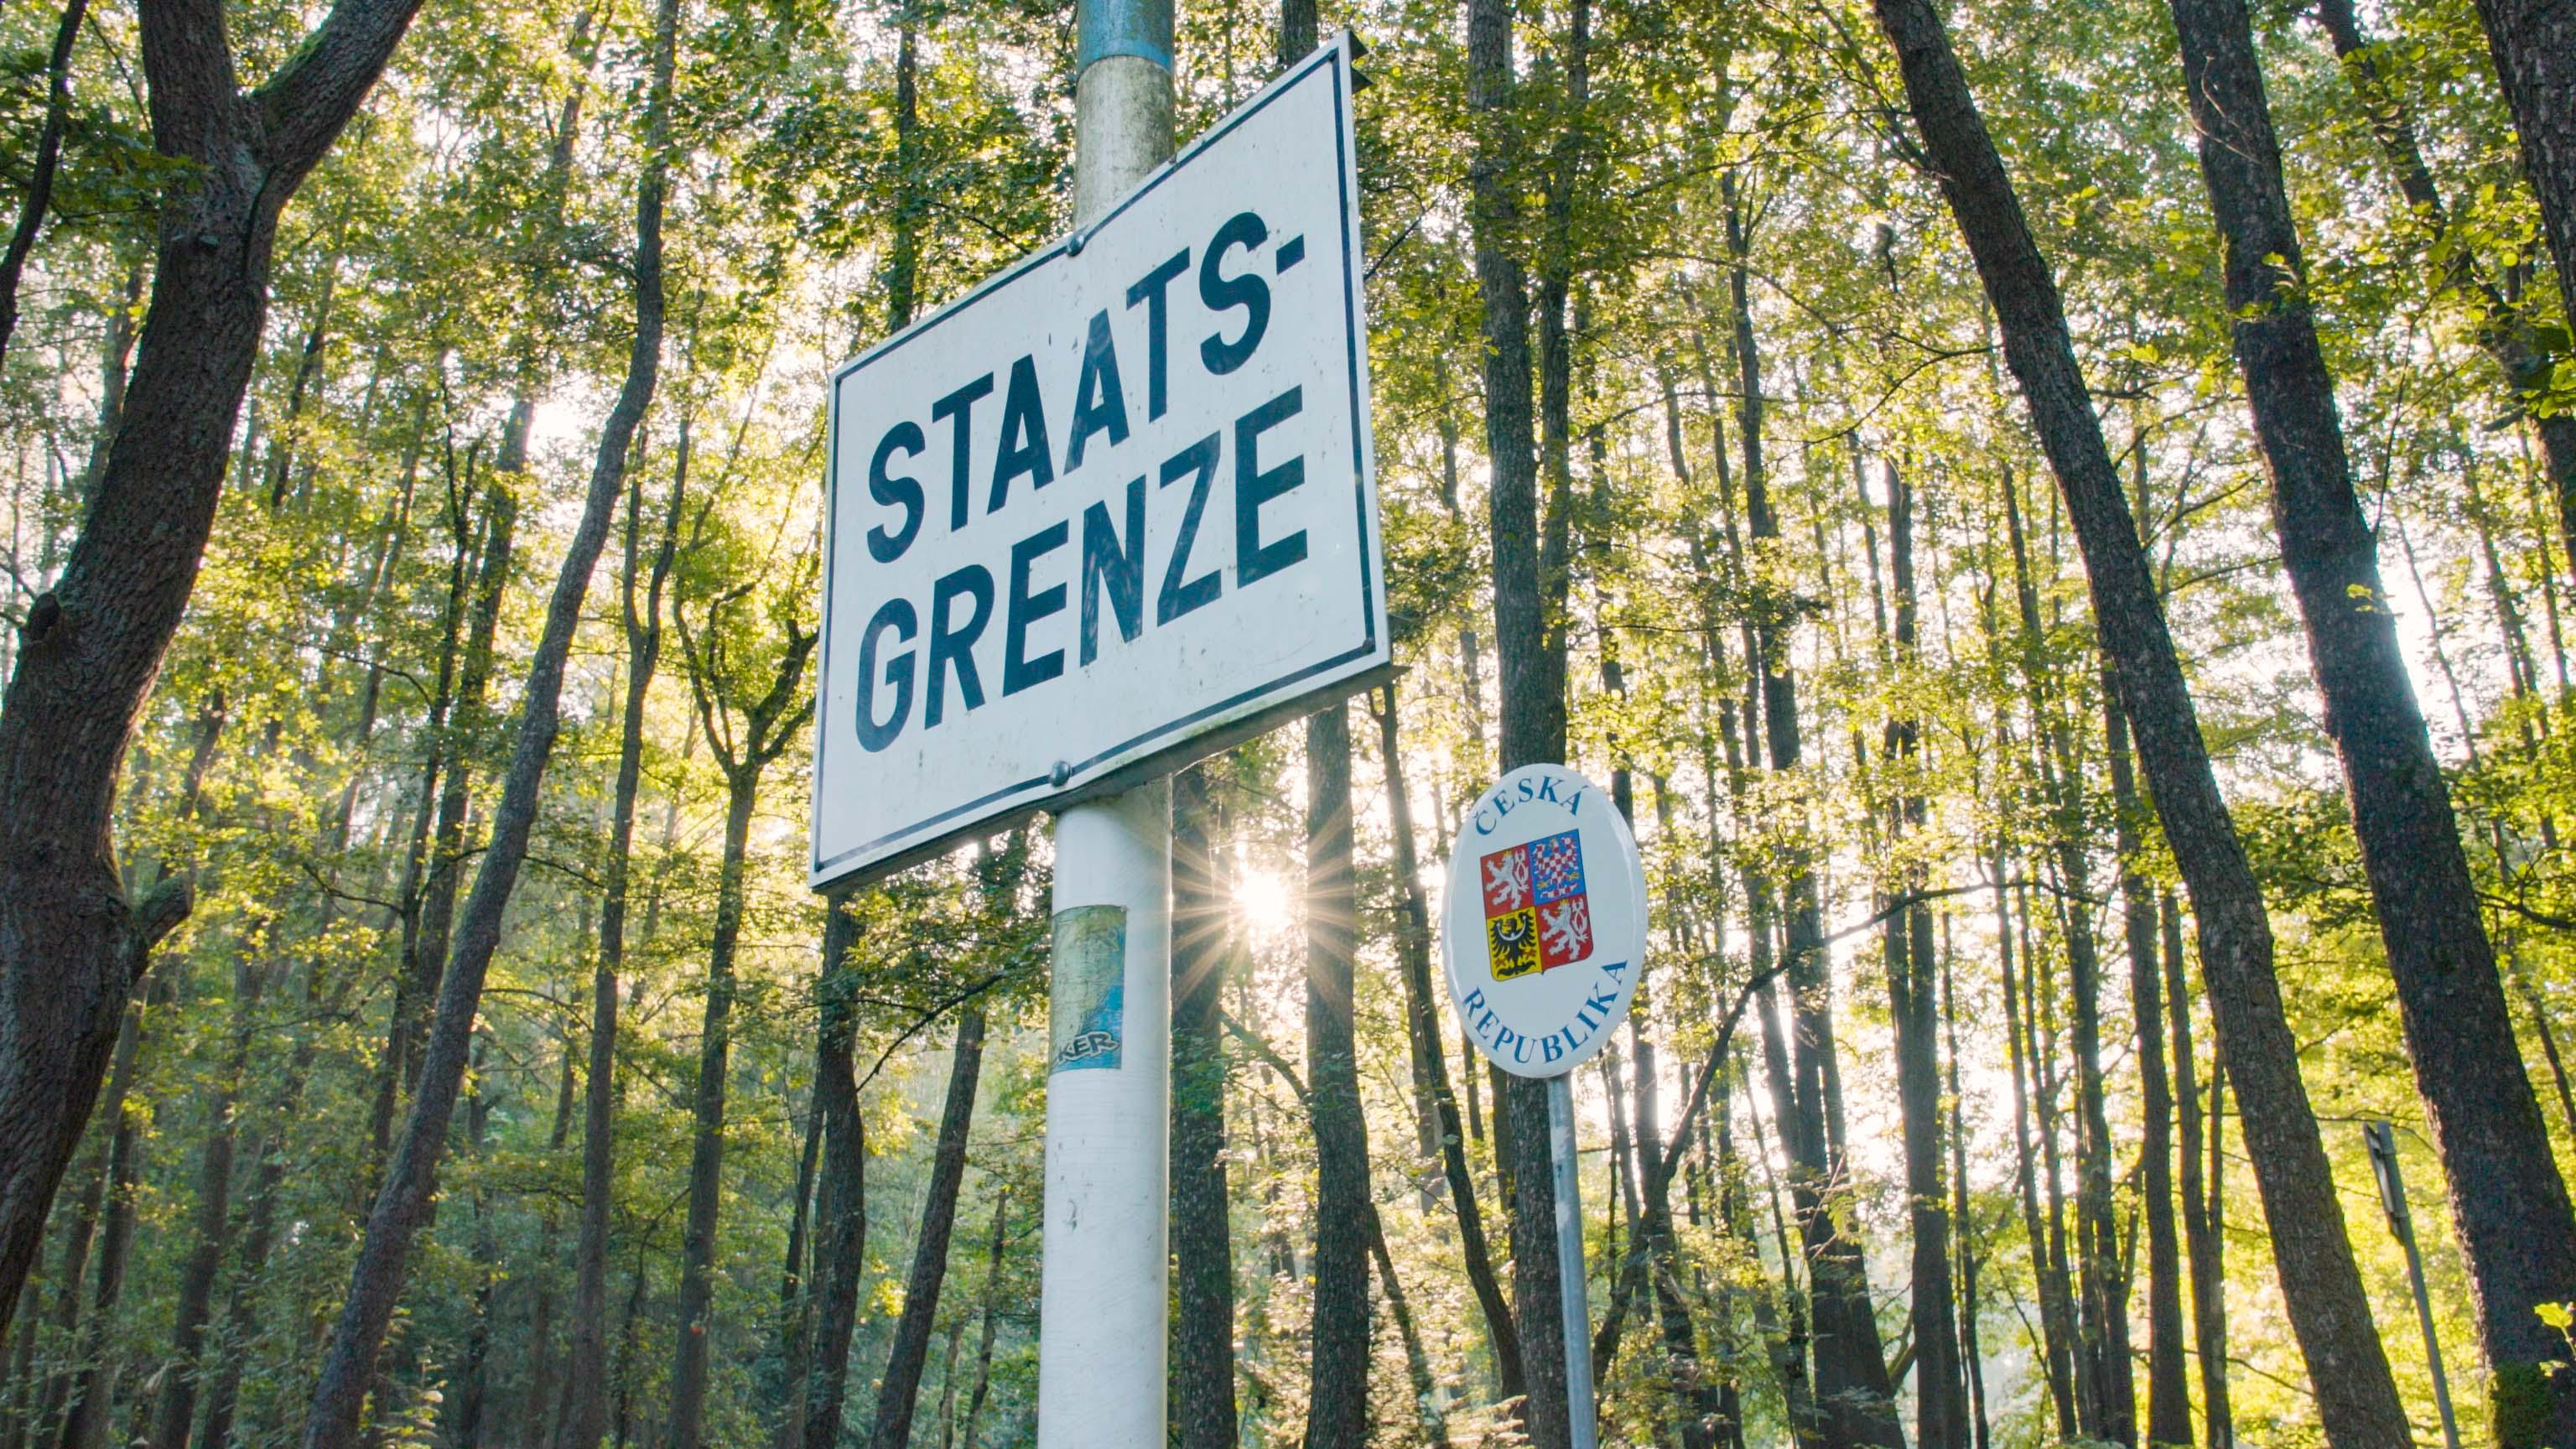 Green Belt Czech border - long distance hiking - hiking trails Germany - hiking in Germany - top trails in Germany